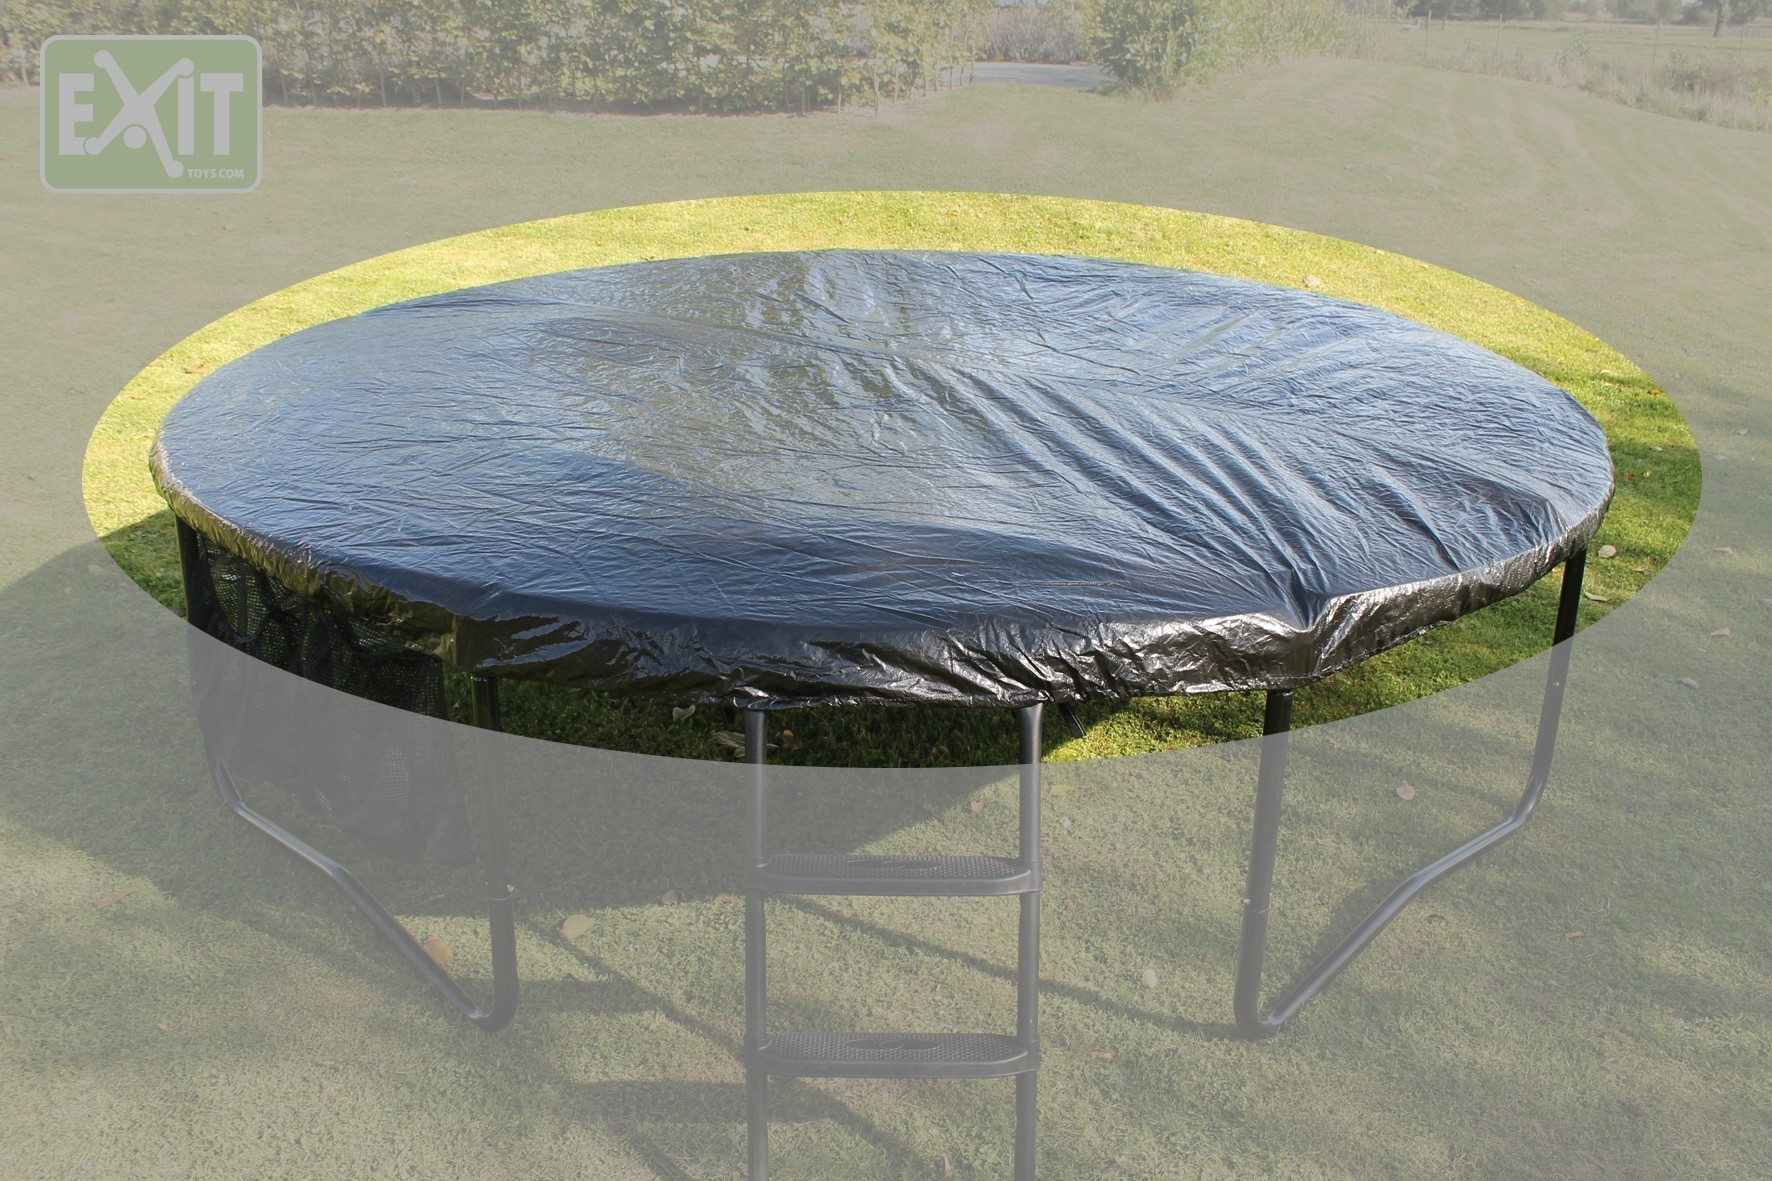 Abdeckplane für Trampolin EXIT bis Ø366cm Bild 1